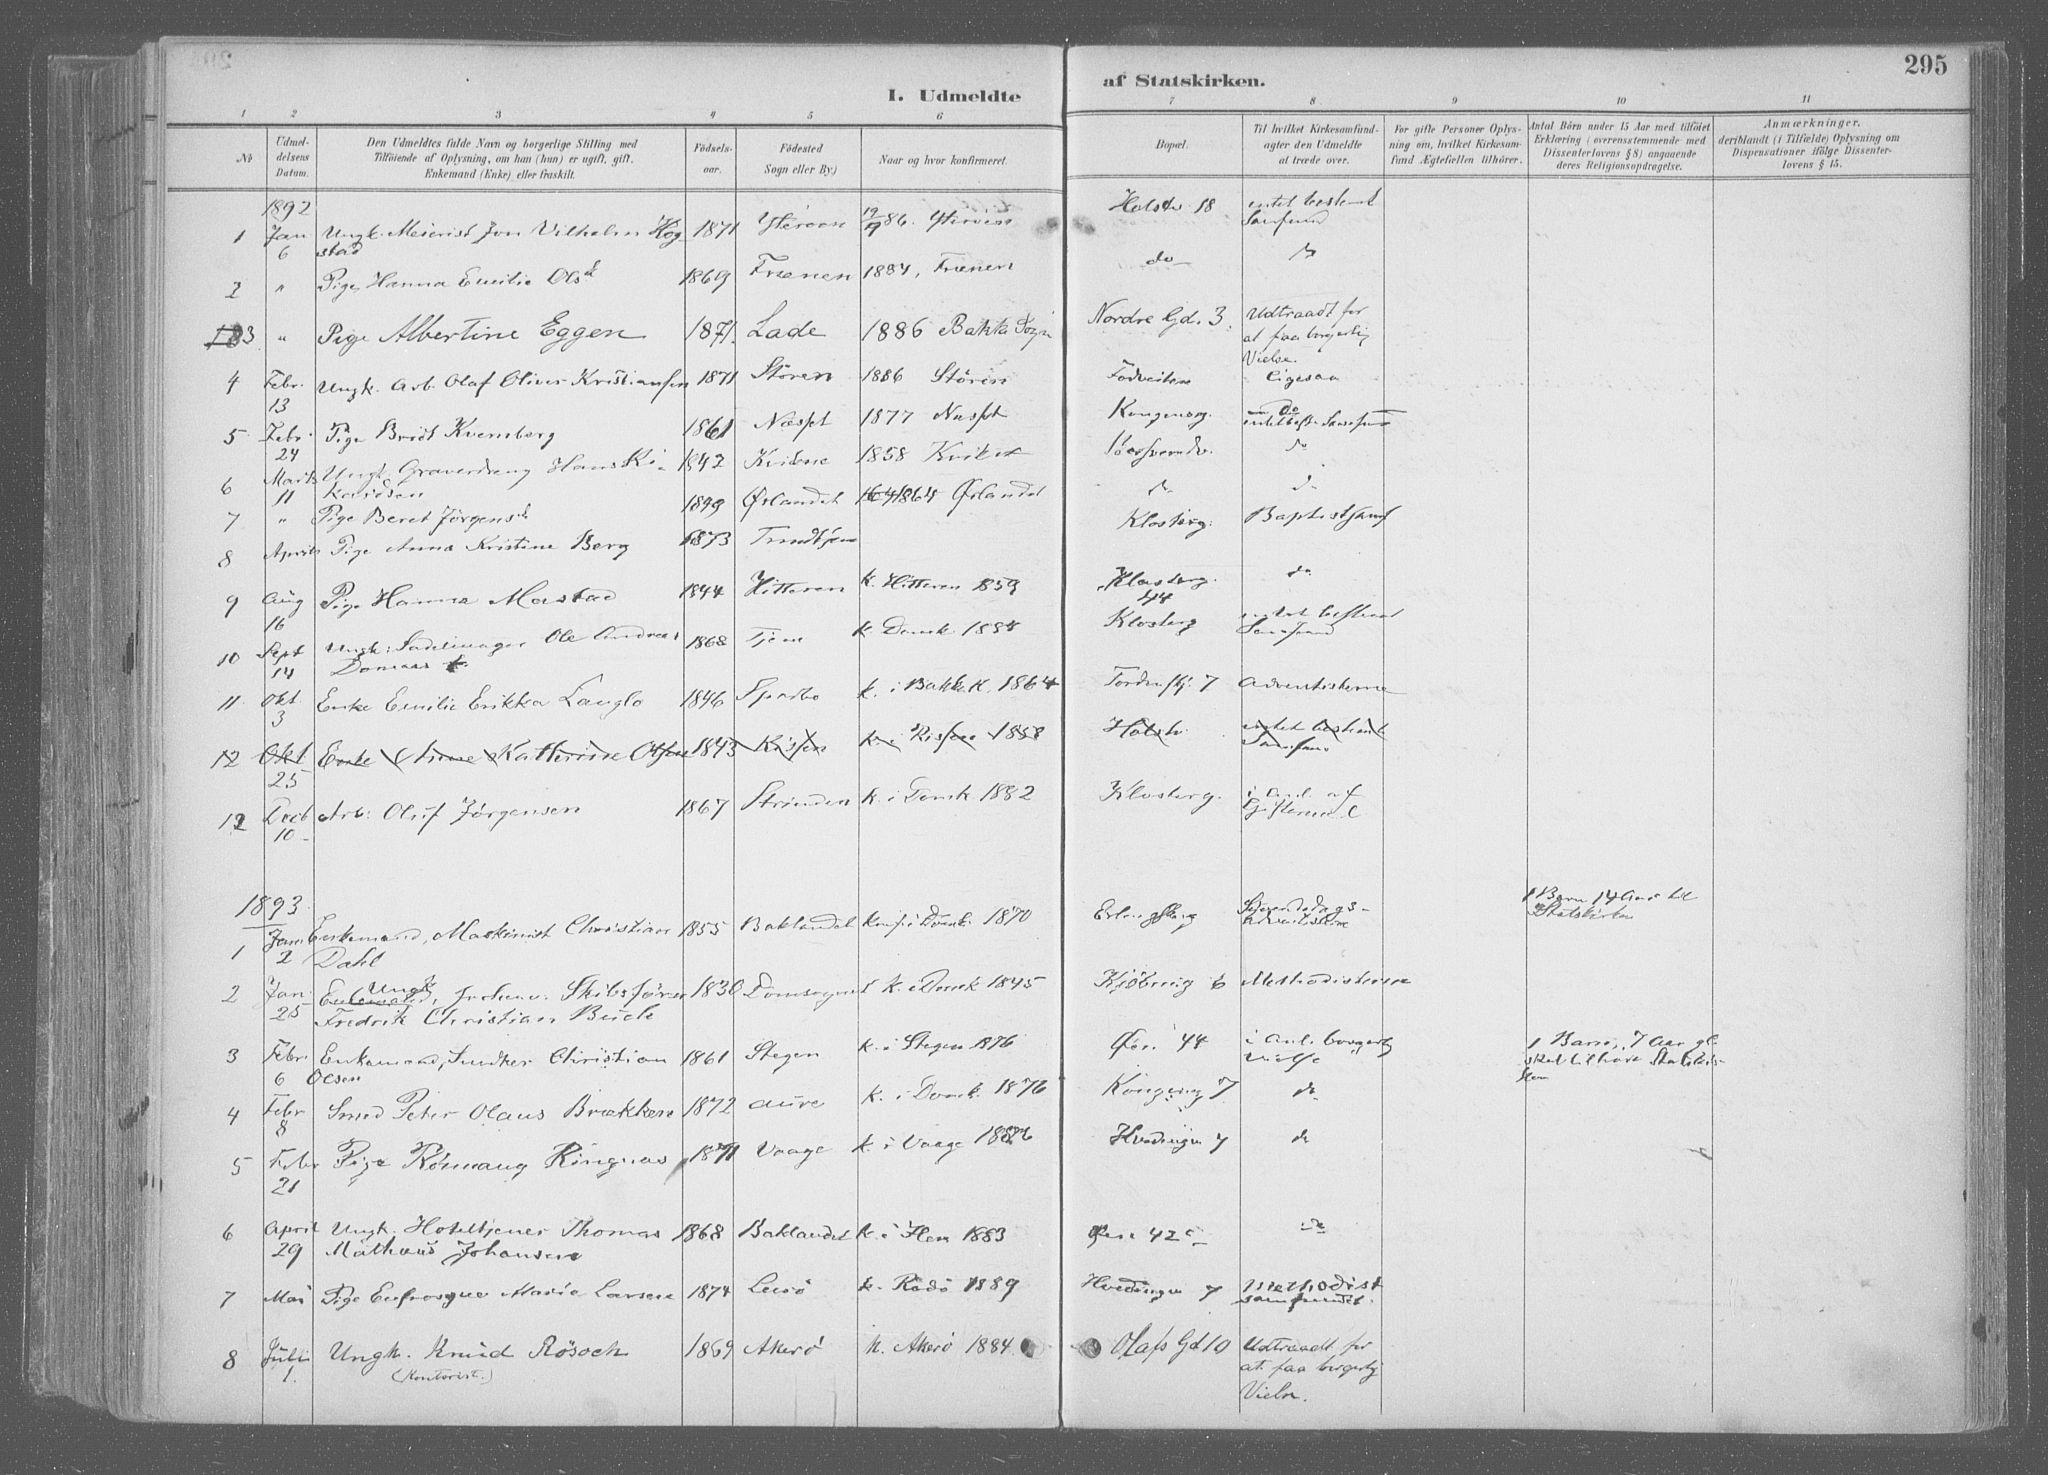 SAT, Ministerialprotokoller, klokkerbøker og fødselsregistre - Sør-Trøndelag, 601/L0064: Ministerialbok nr. 601A31, 1891-1911, s. 295